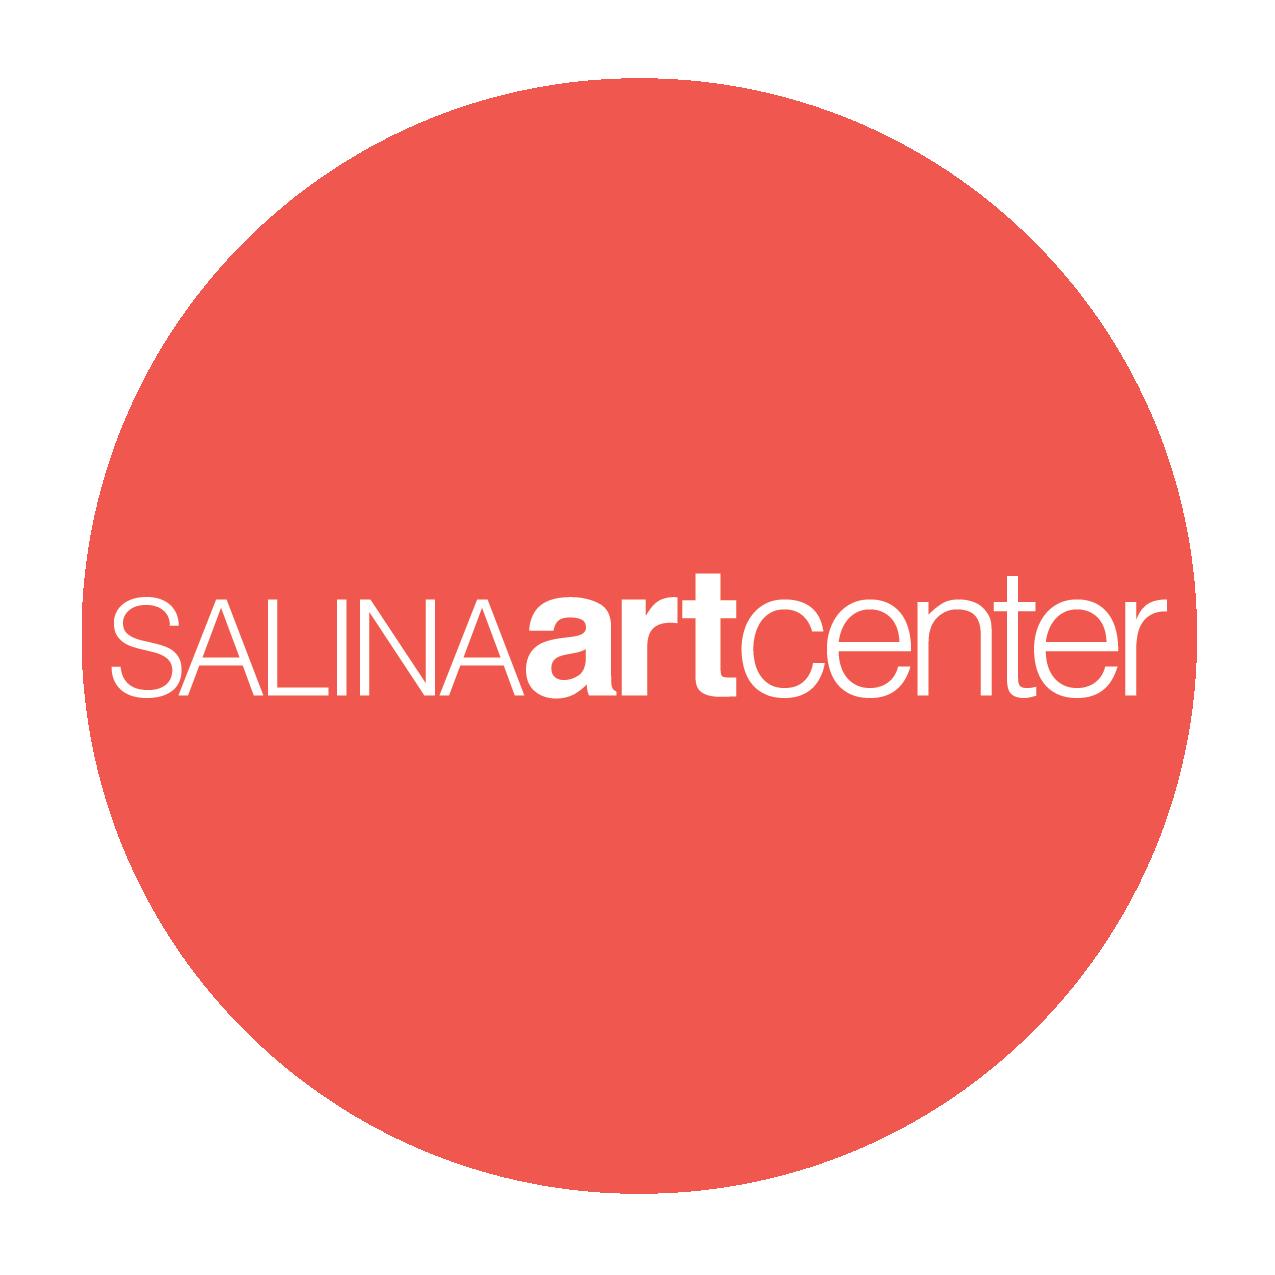 www.salinaartcenter.org